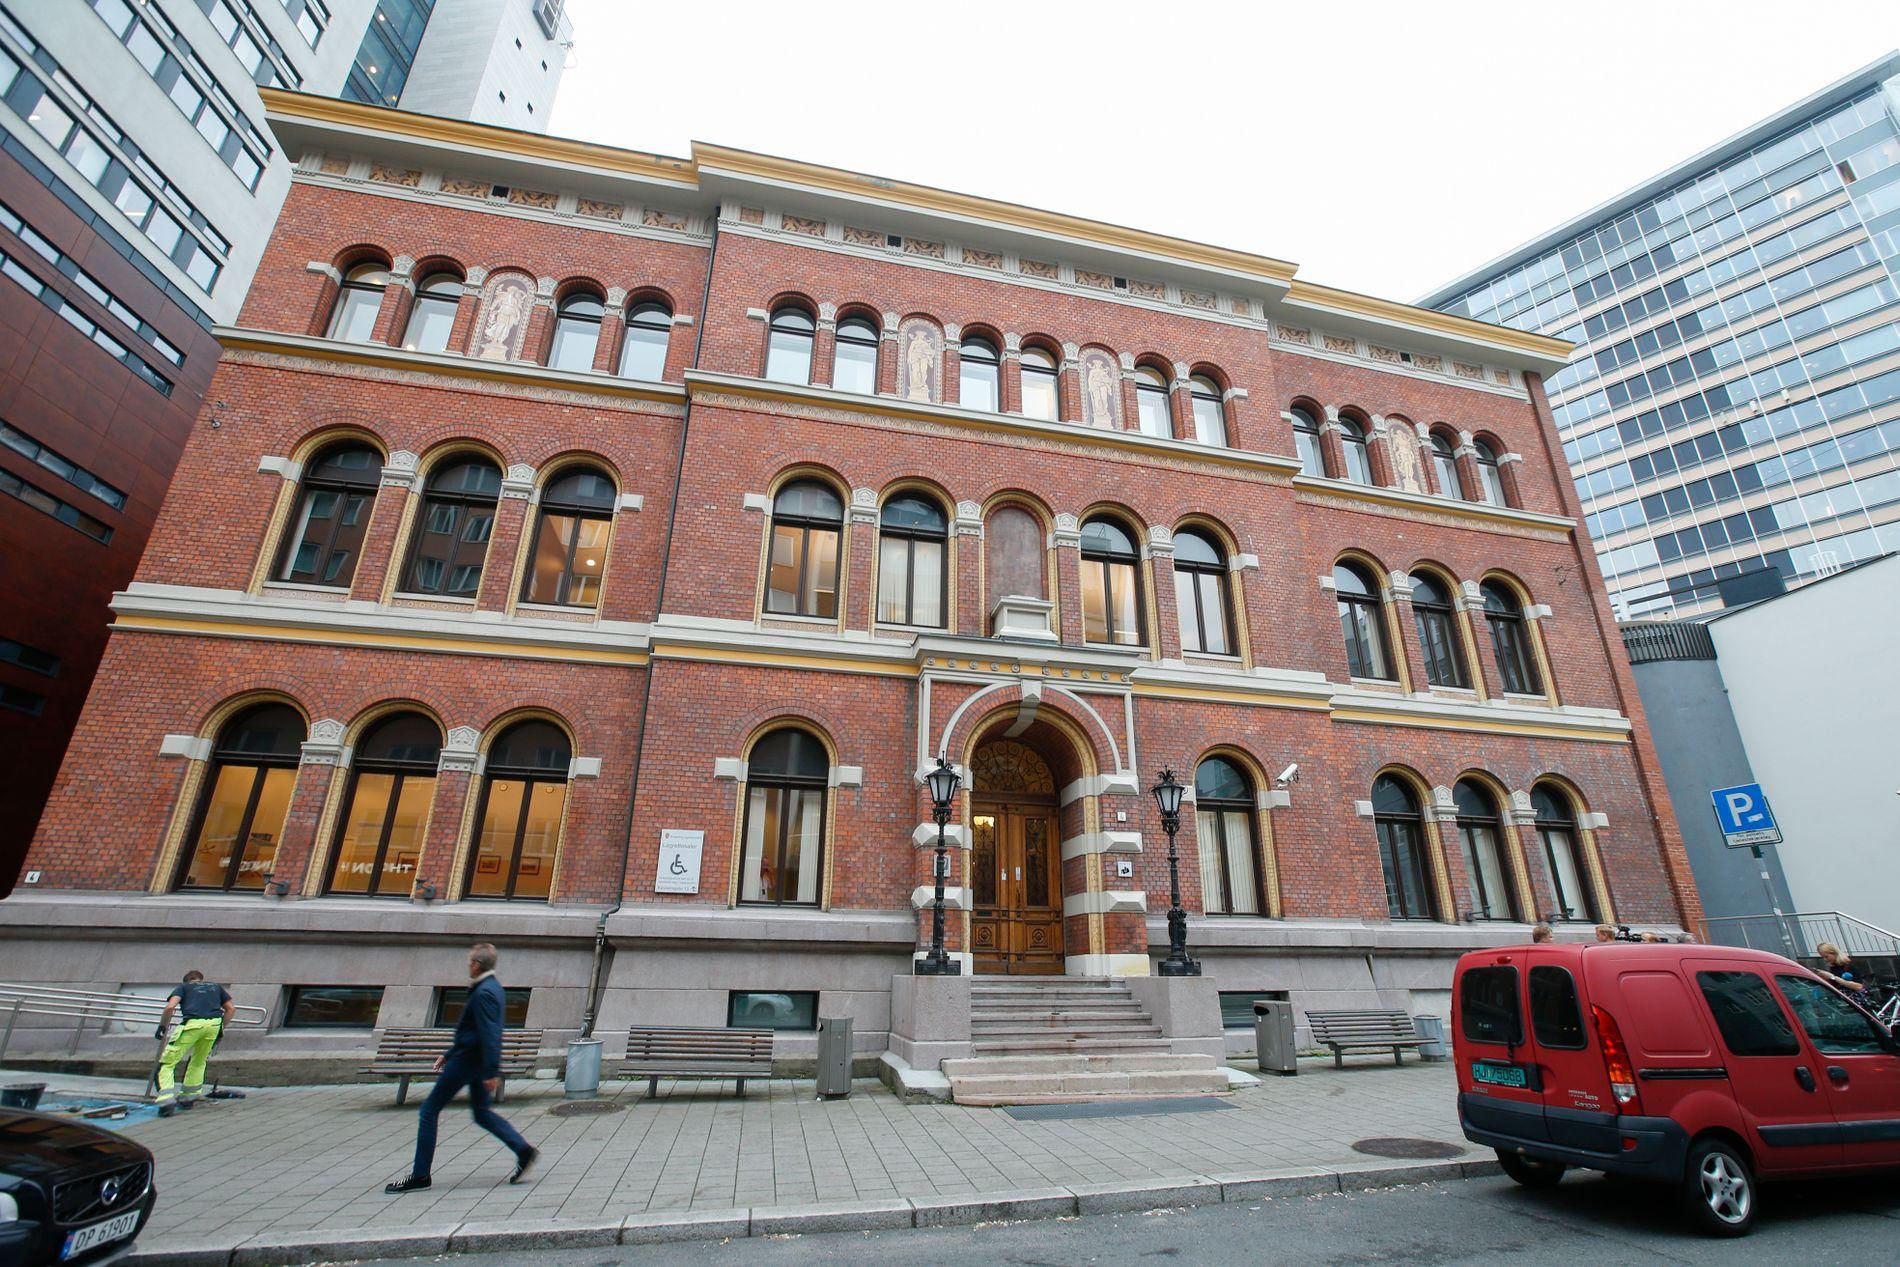 DØMT: Borgarting lagmannsrett dømte den 27 år gamle mannen til tolv års fengsel for overgrep.